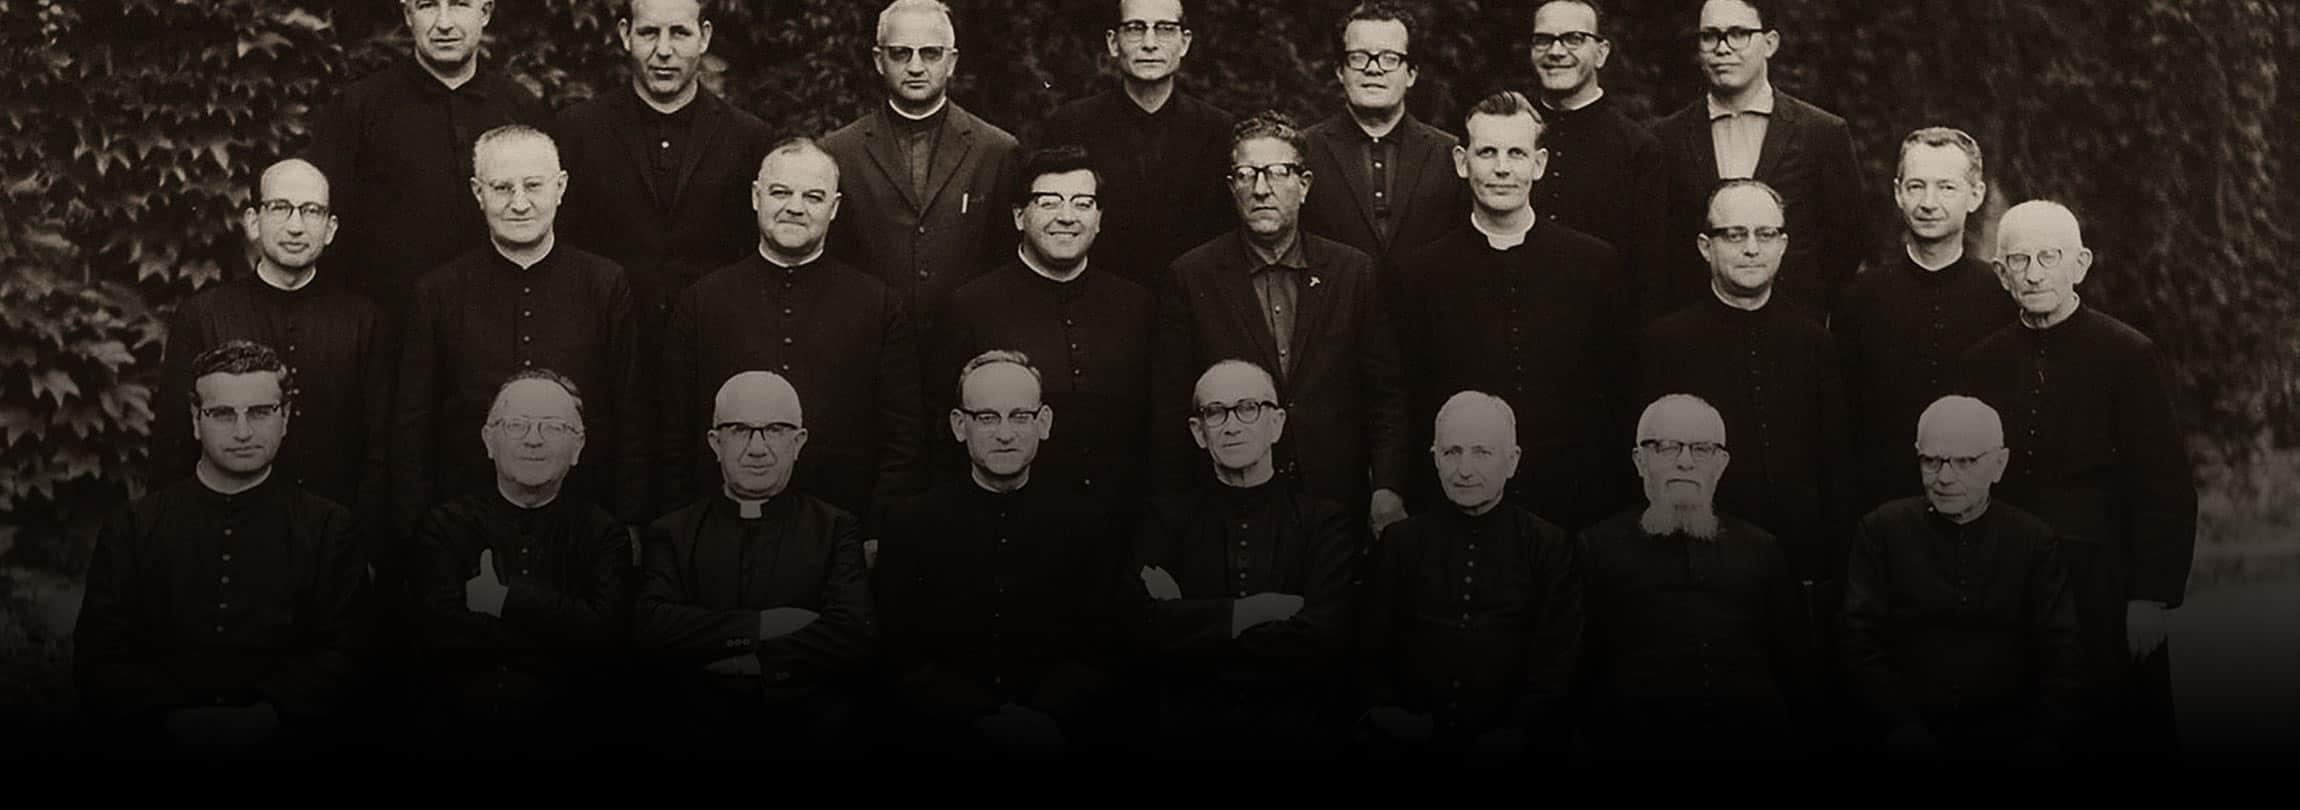 Não, imprensa, a Igreja não vai acabar com o celibato